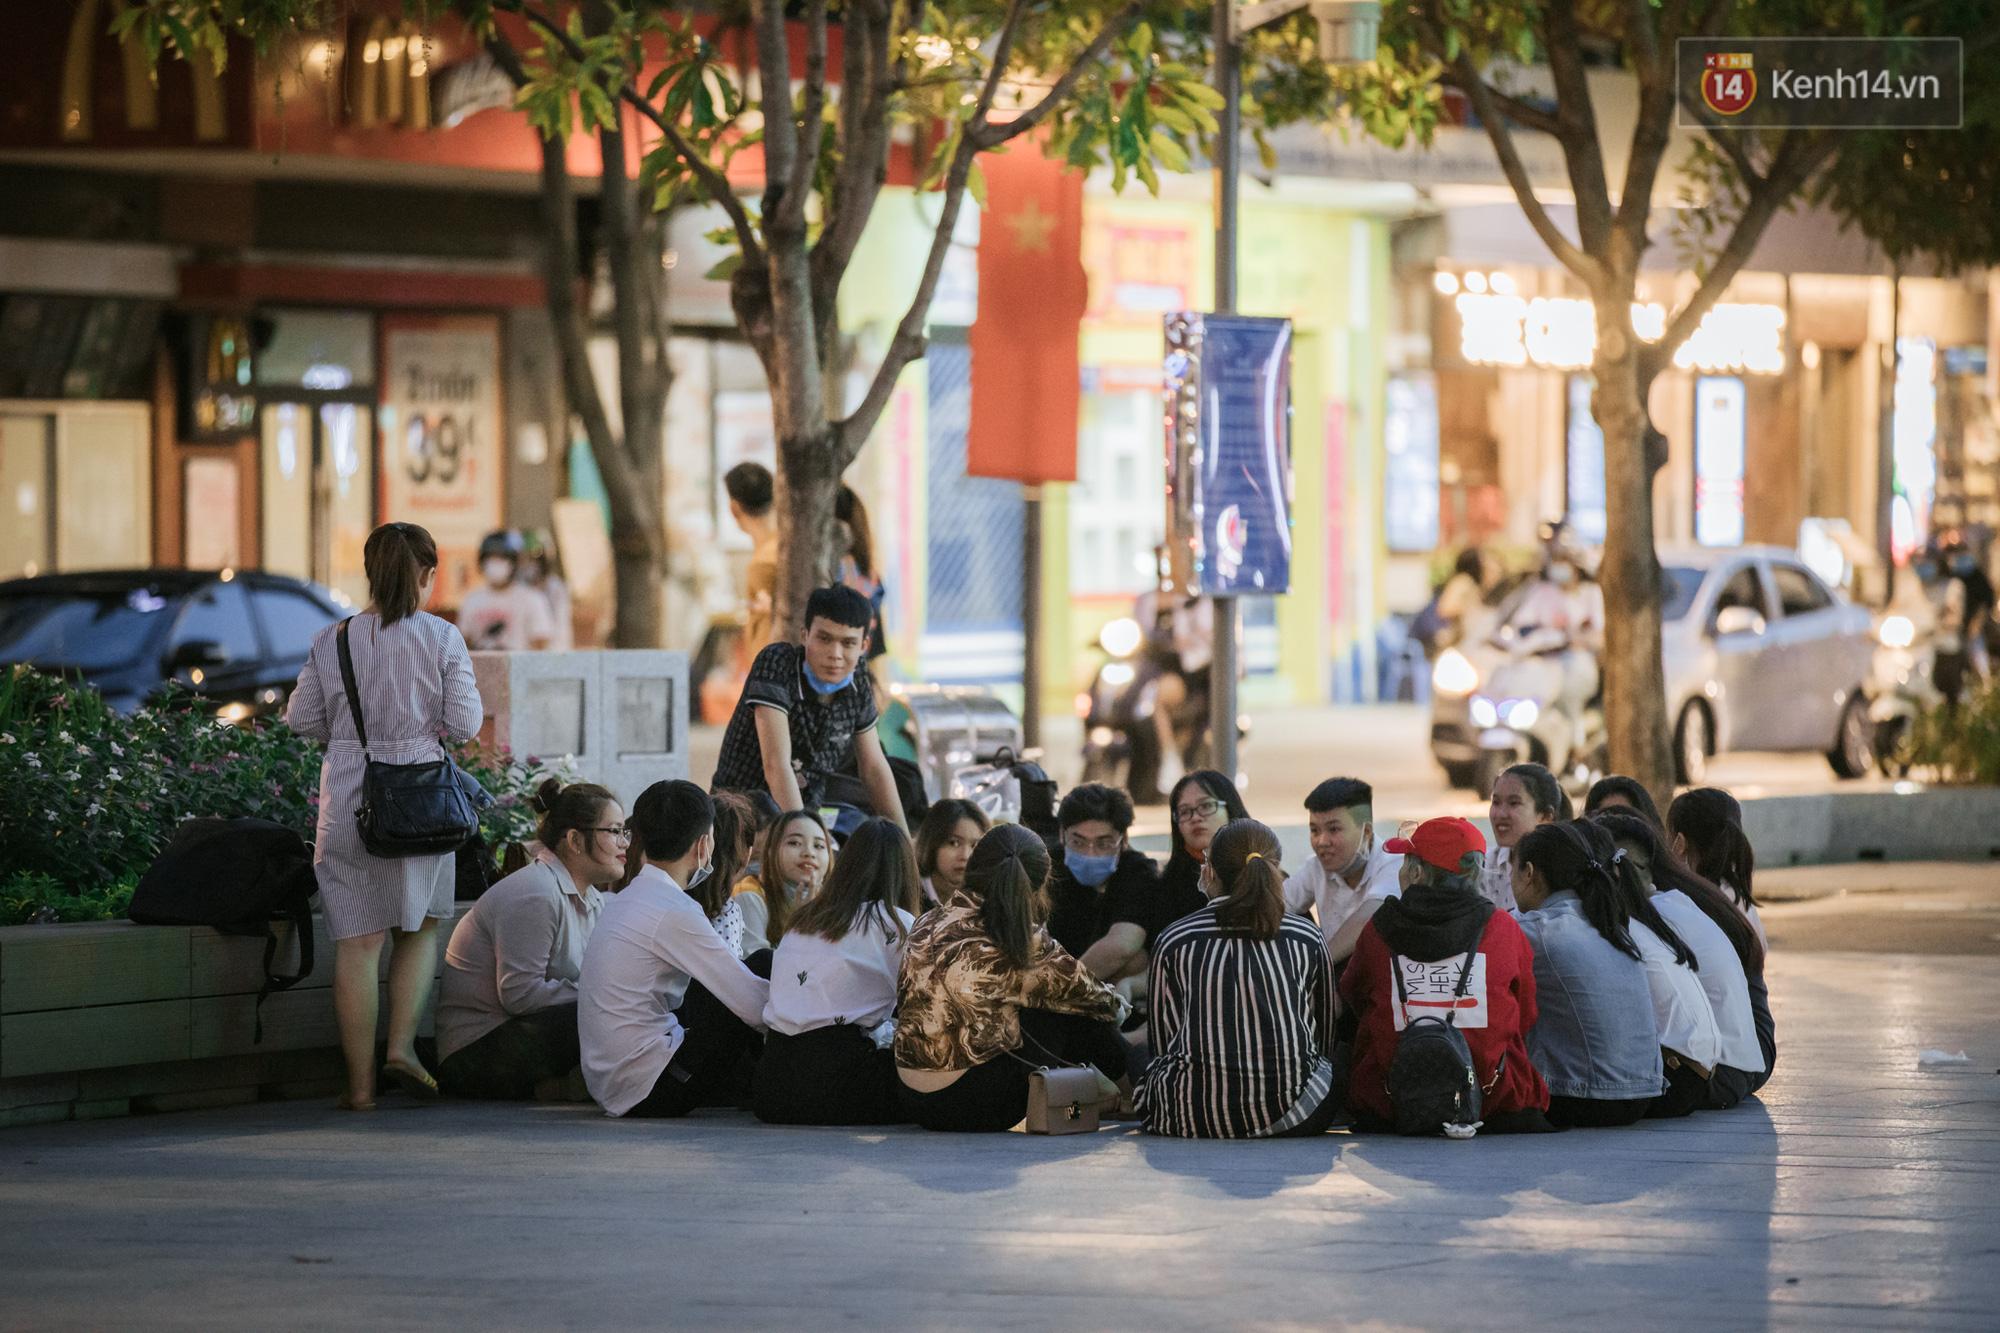 """Sài Gòn nhộn nhịp trong buổi tối nghỉ lễ đầu tiên: Khu vực trung tâm dần trở nên đông đúc, nhiều người lo sợ vẫn kè kè"""" chiếc khẩu trang bên mình-3"""